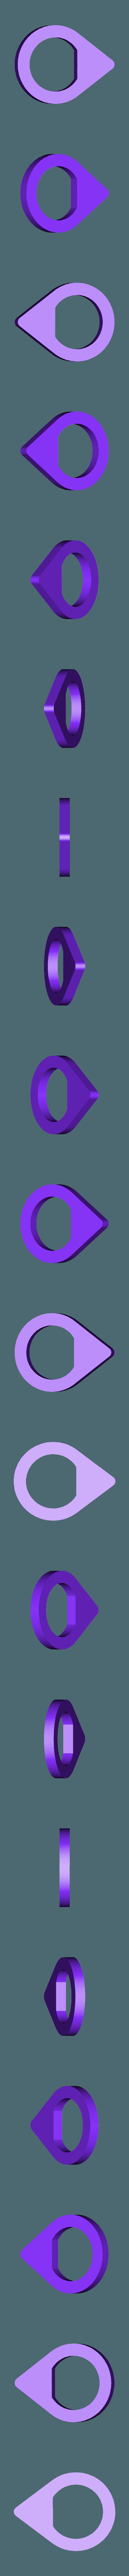 MK7_Gear_Pointer_v1-0.STL Télécharger fichier STL gratuit Indicateur de rotation de l'engrenage MK7 • Plan pour impression 3D, WalterHsiao